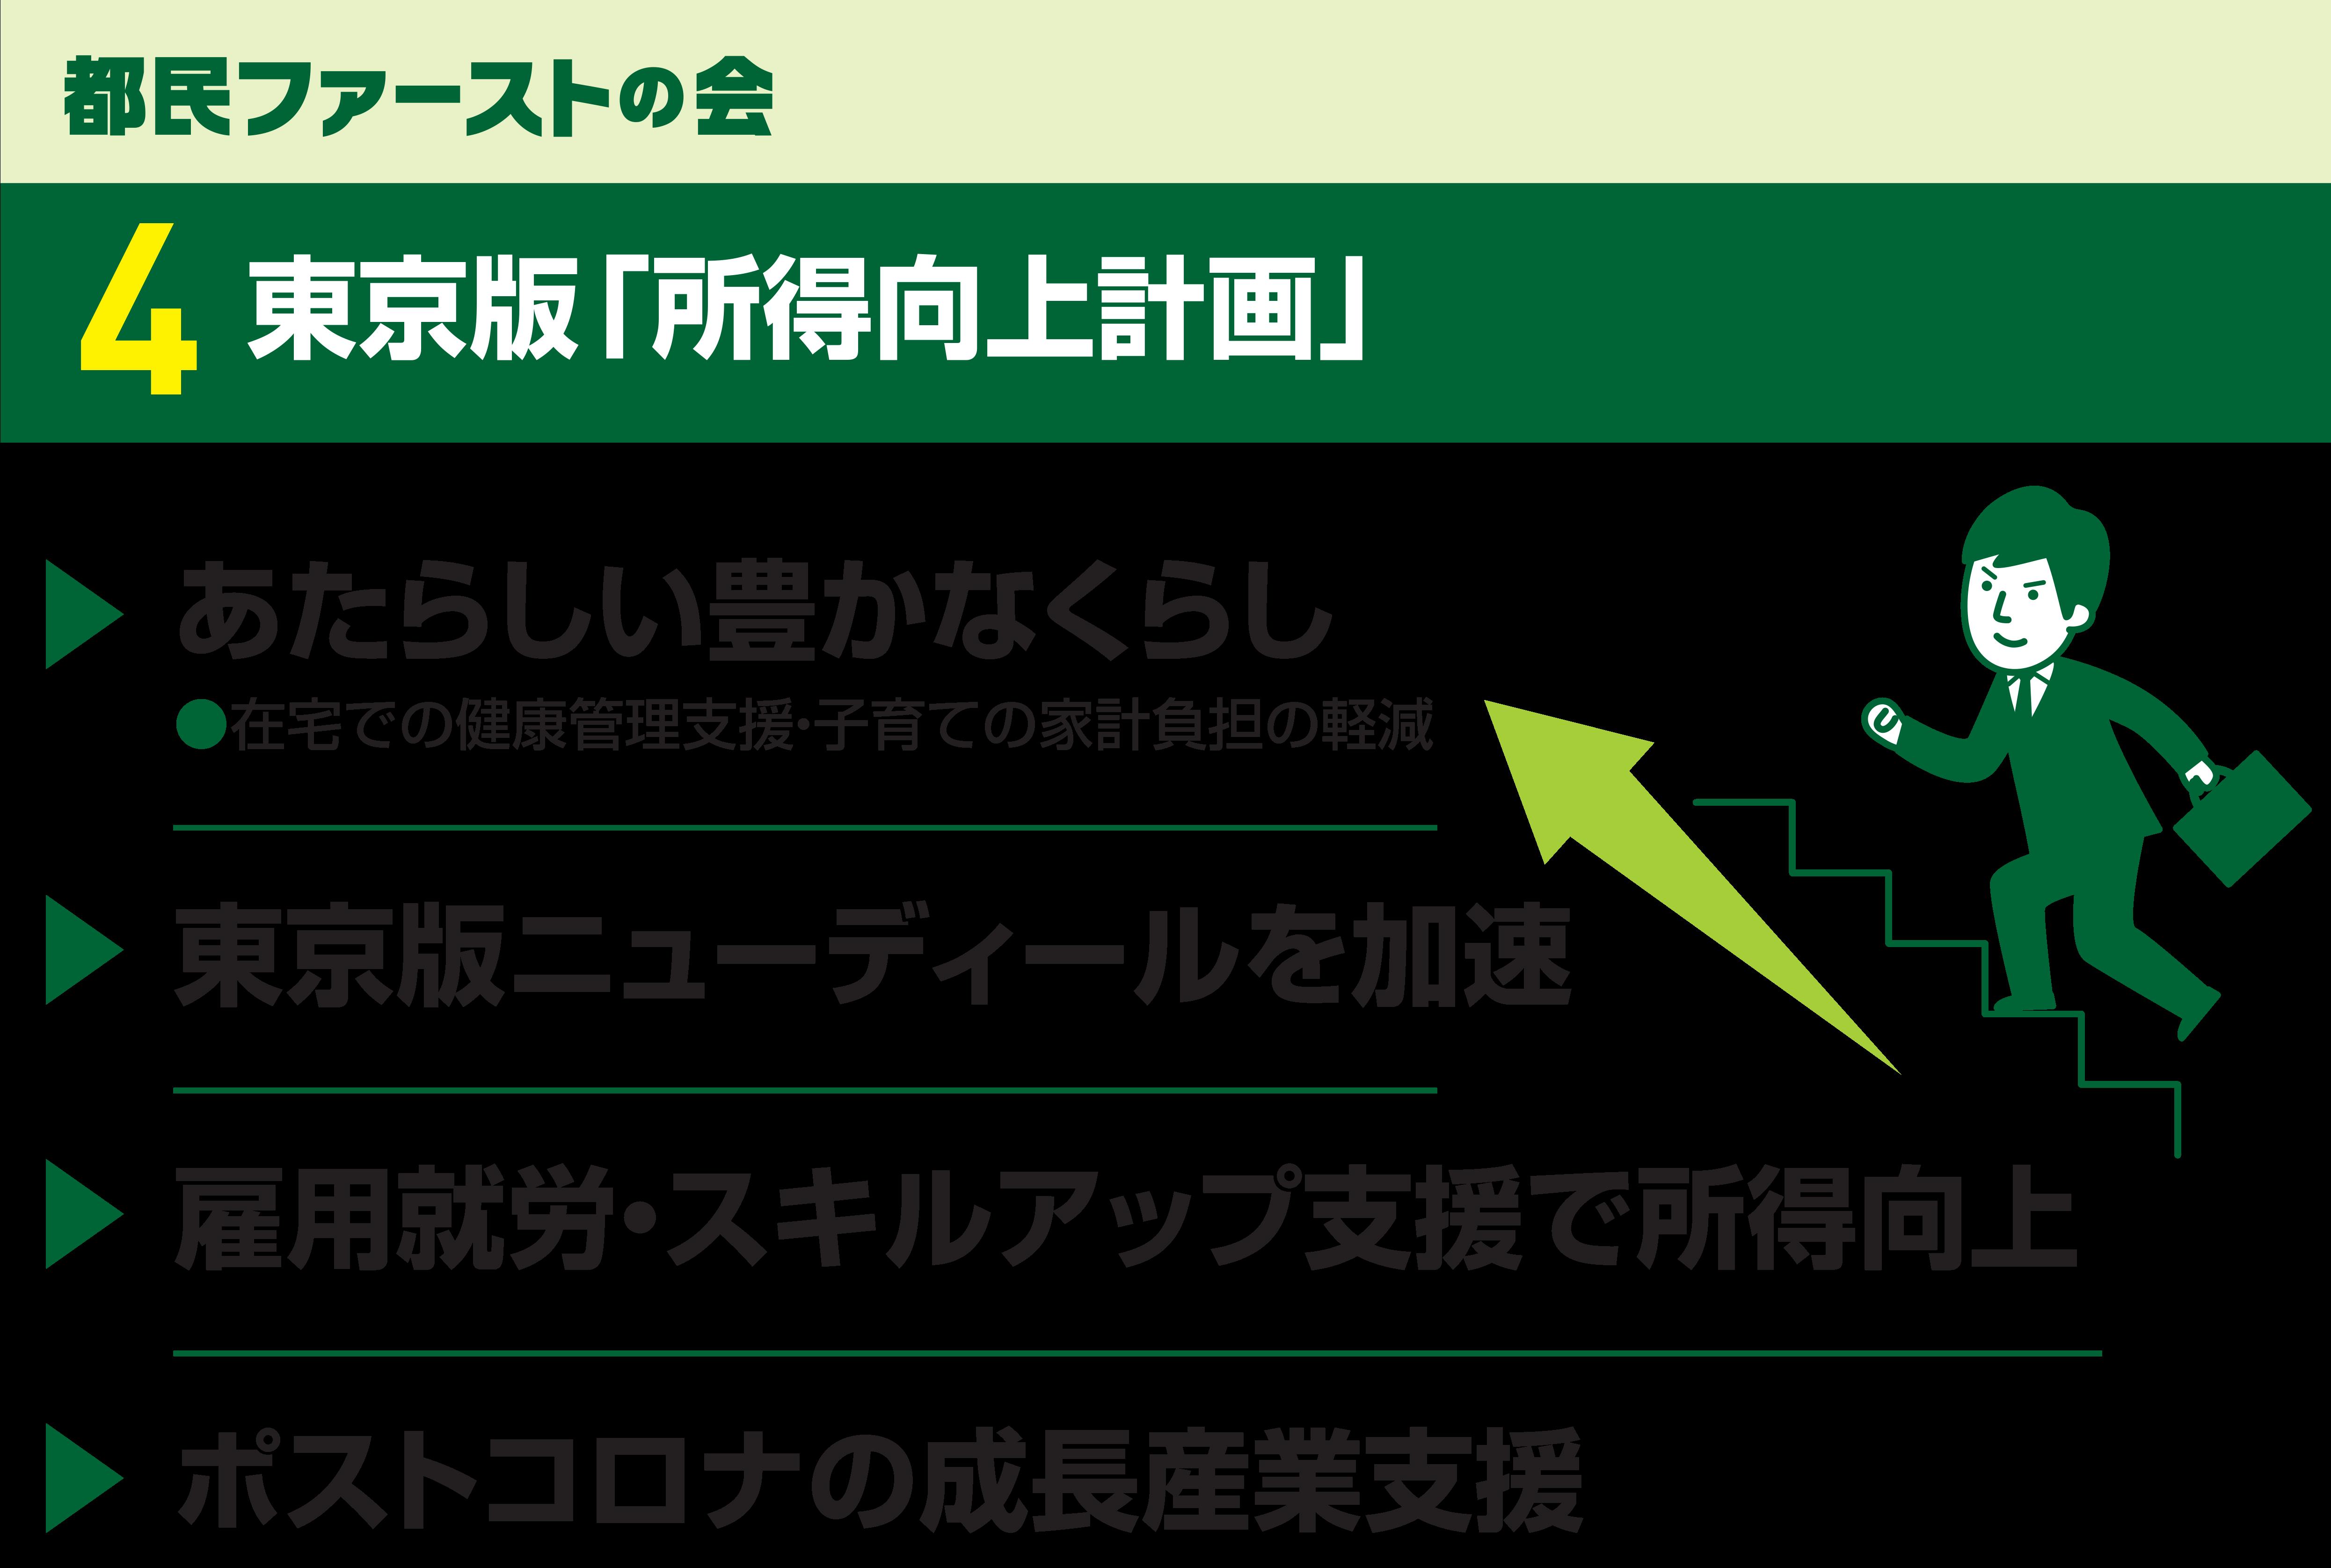 東京版「所得向上計画」